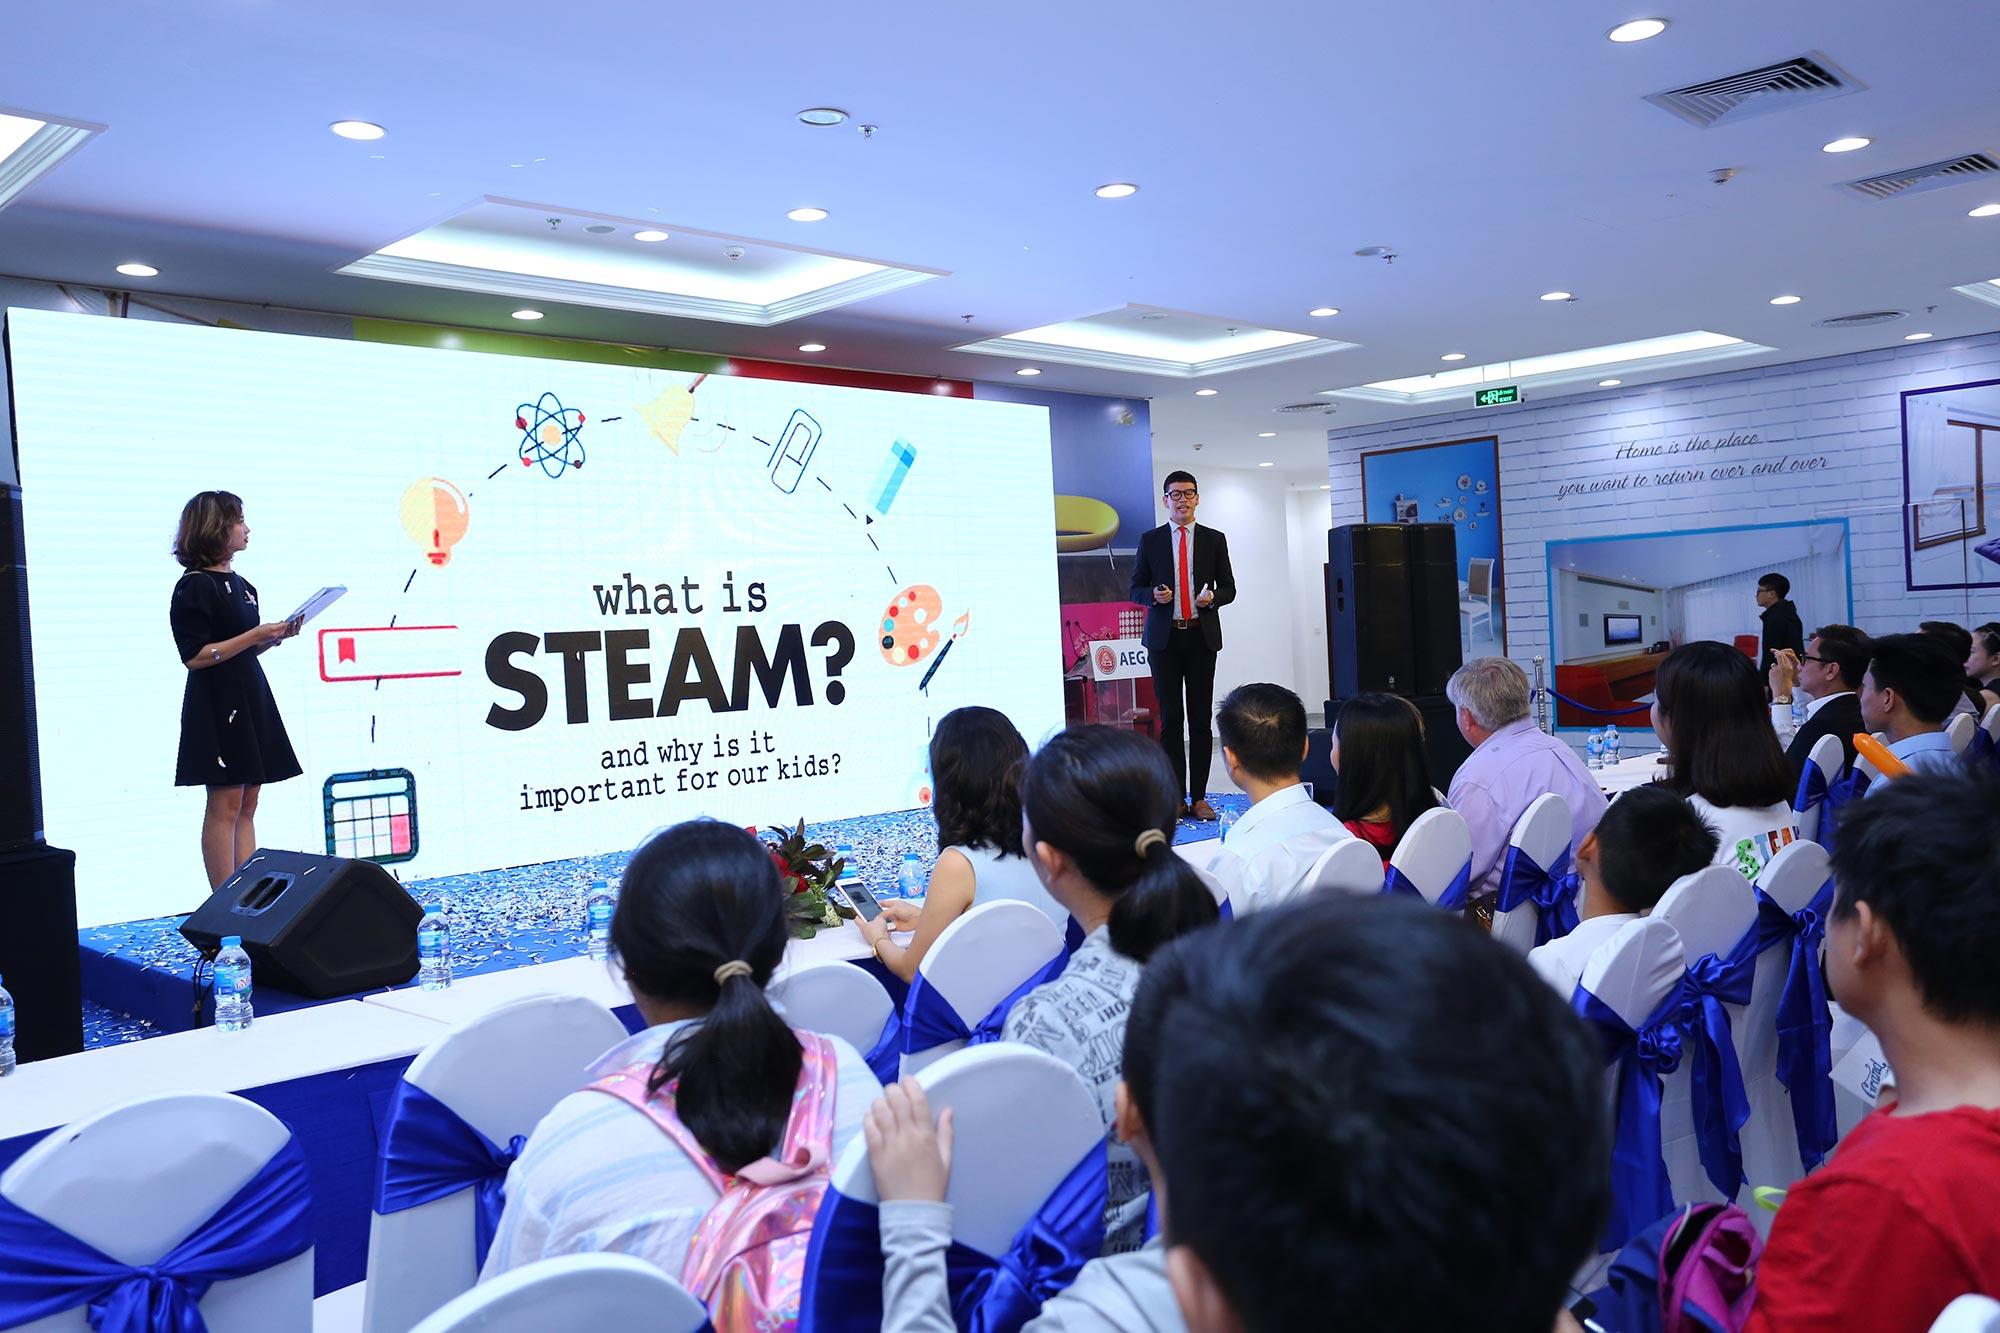 Ông Jeorge Medrano Giám đốc học thuật AEG đang giới thiệu về chương trình STEAM English